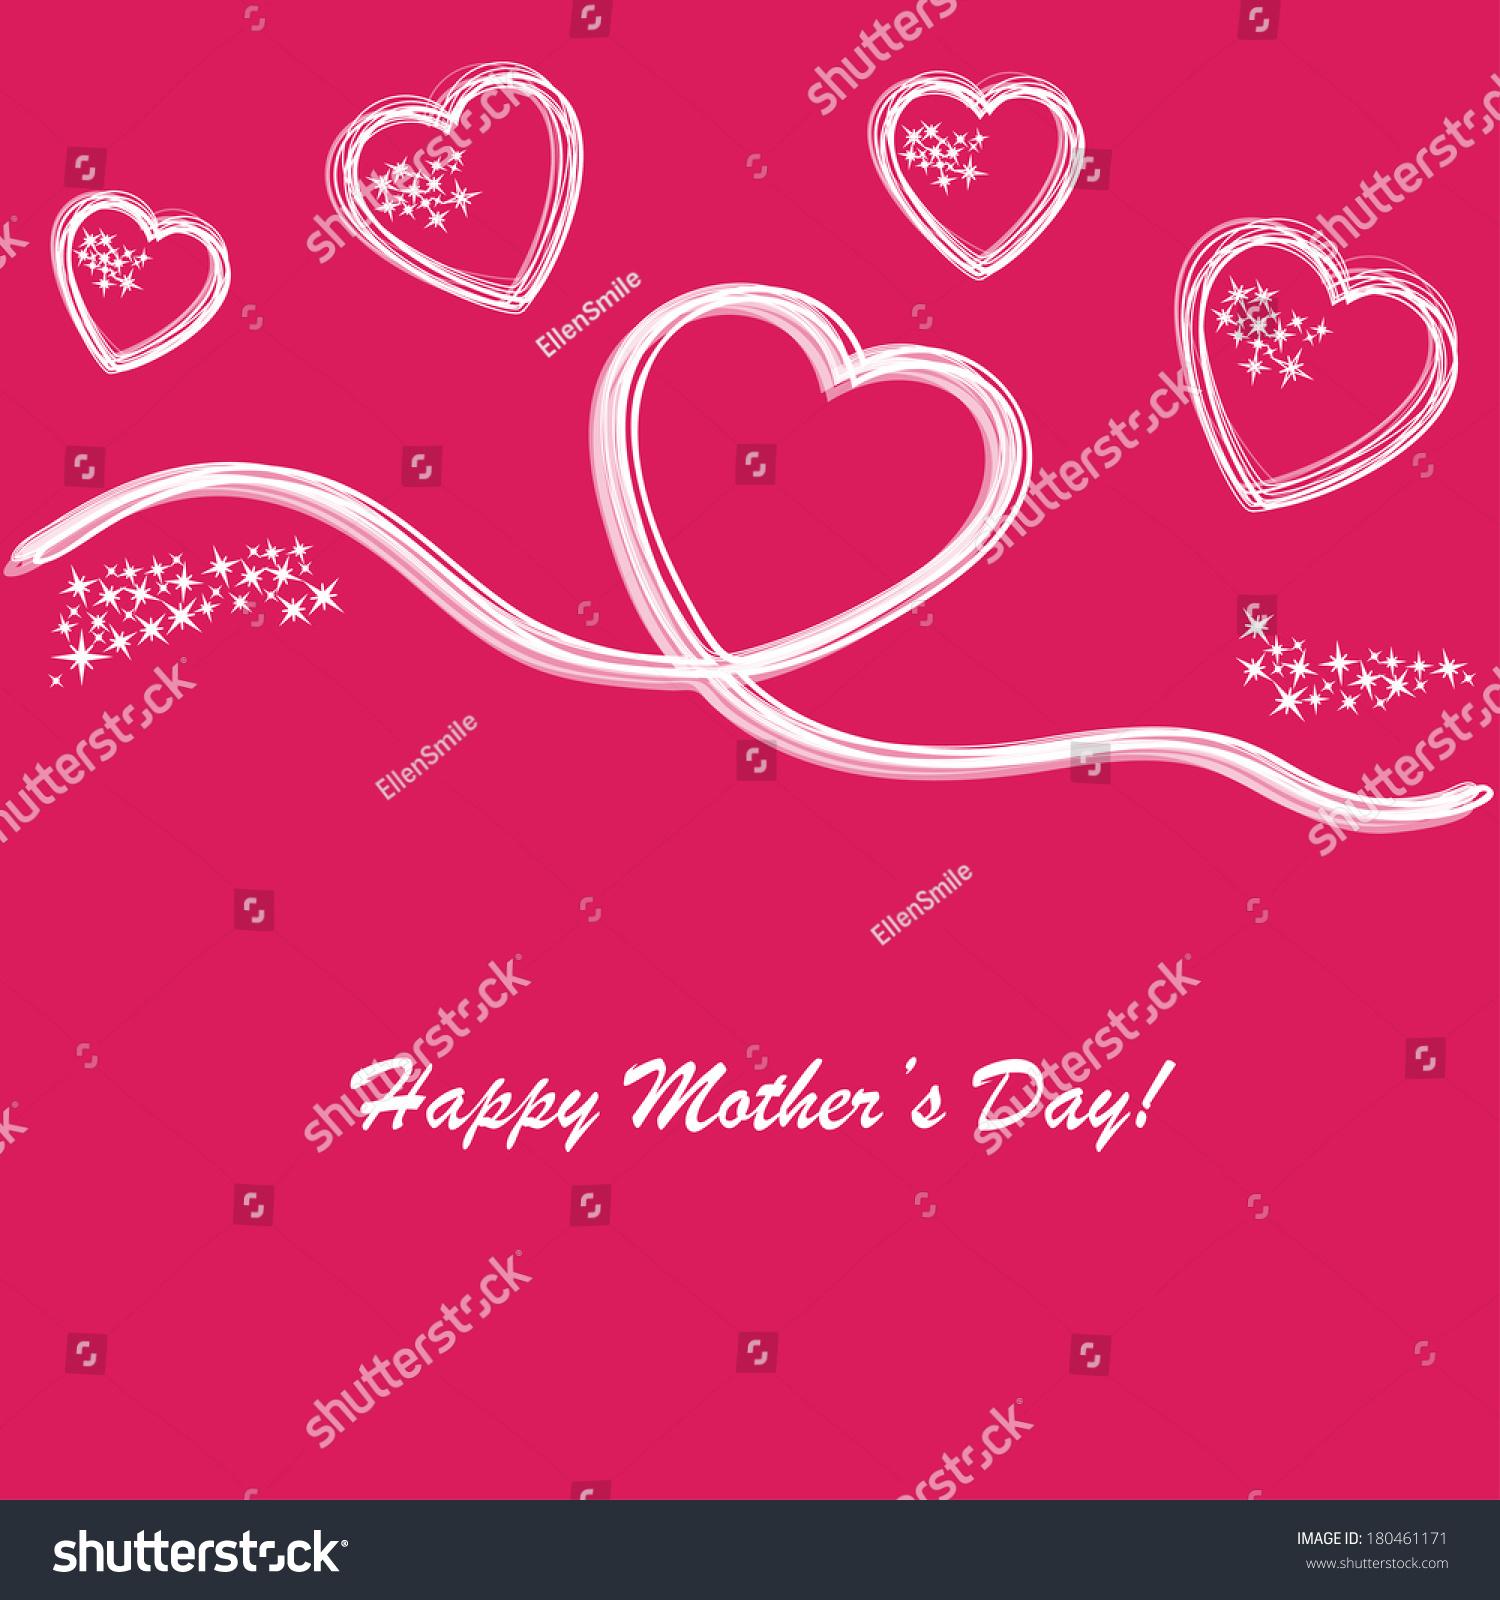 母亲节快乐的背景,在粉红色的电话-背景/素材,假期-()